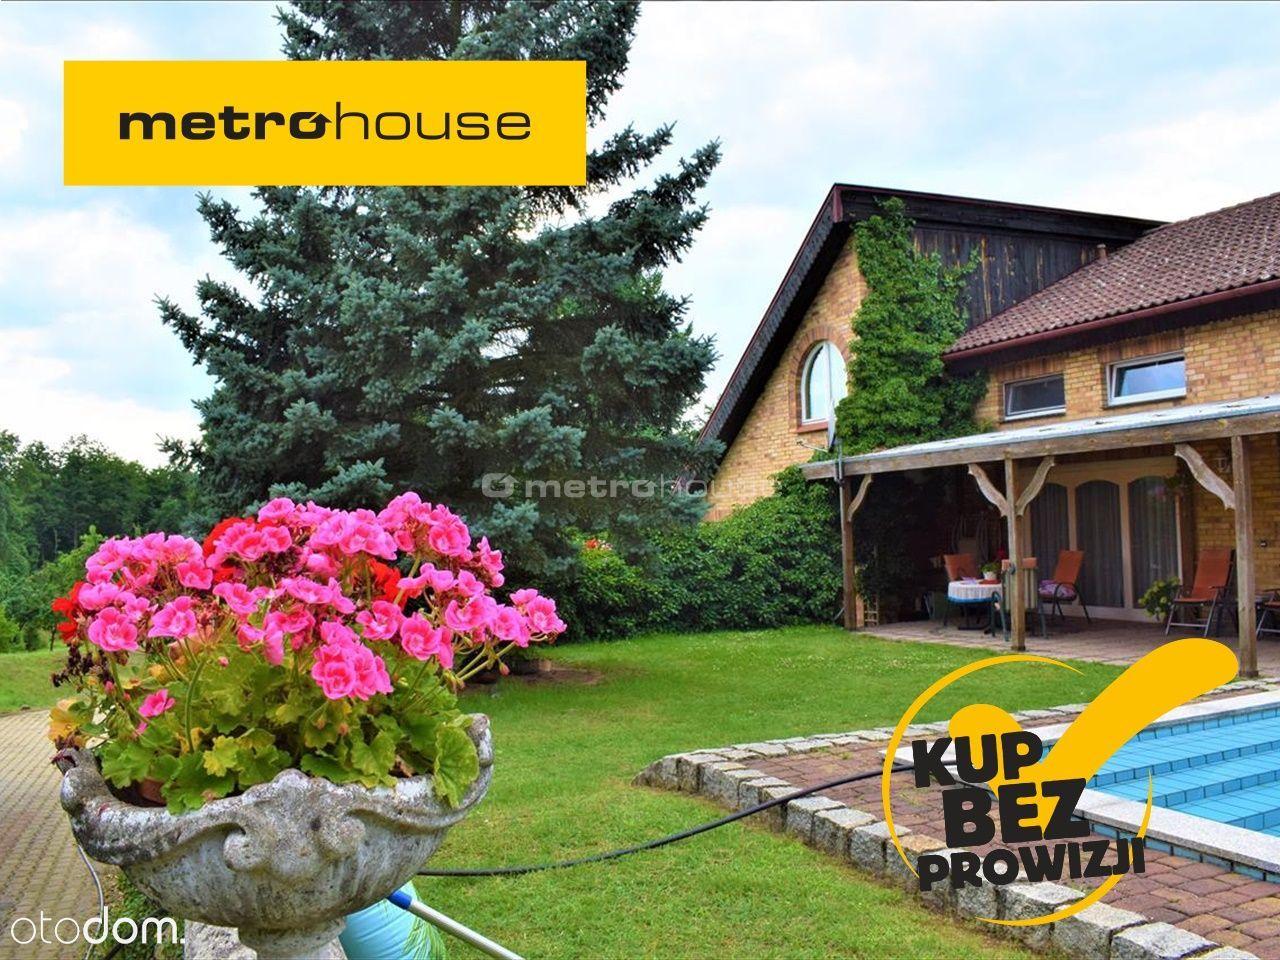 Dom + Agroturystyka na pięknym zielonym terenie !!